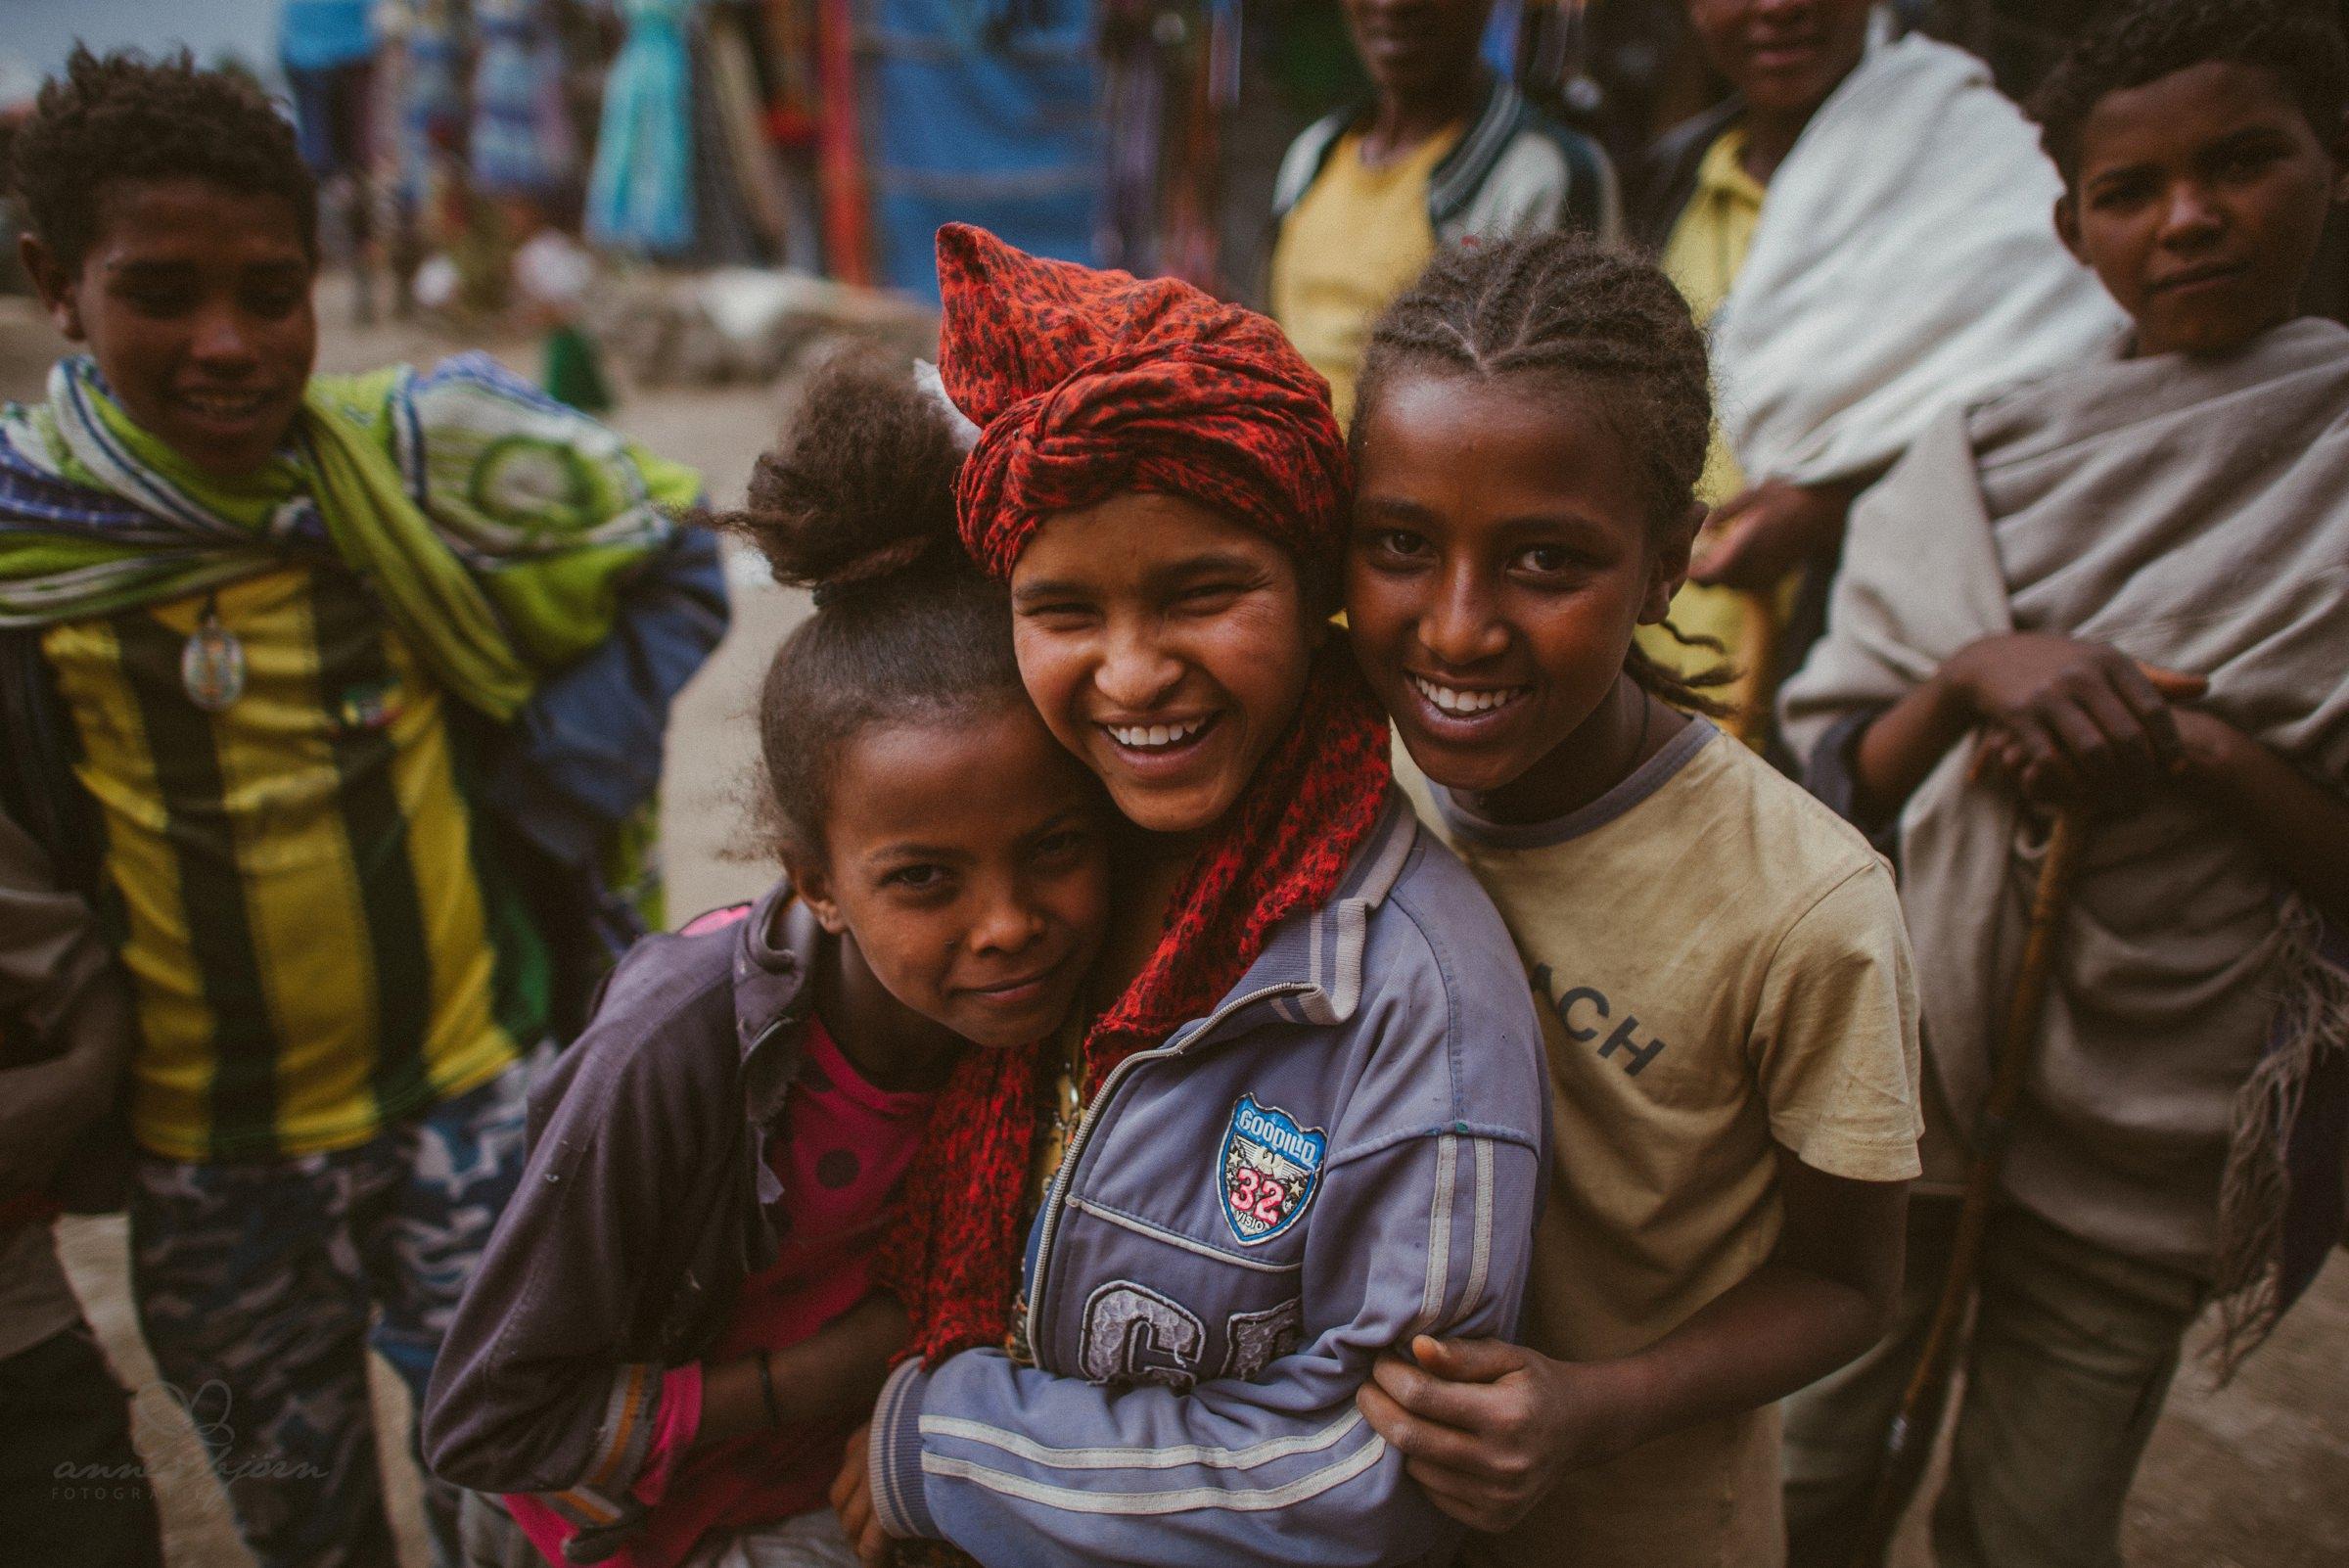 Kinder auf dem Markt in Lalibela Äthiopien